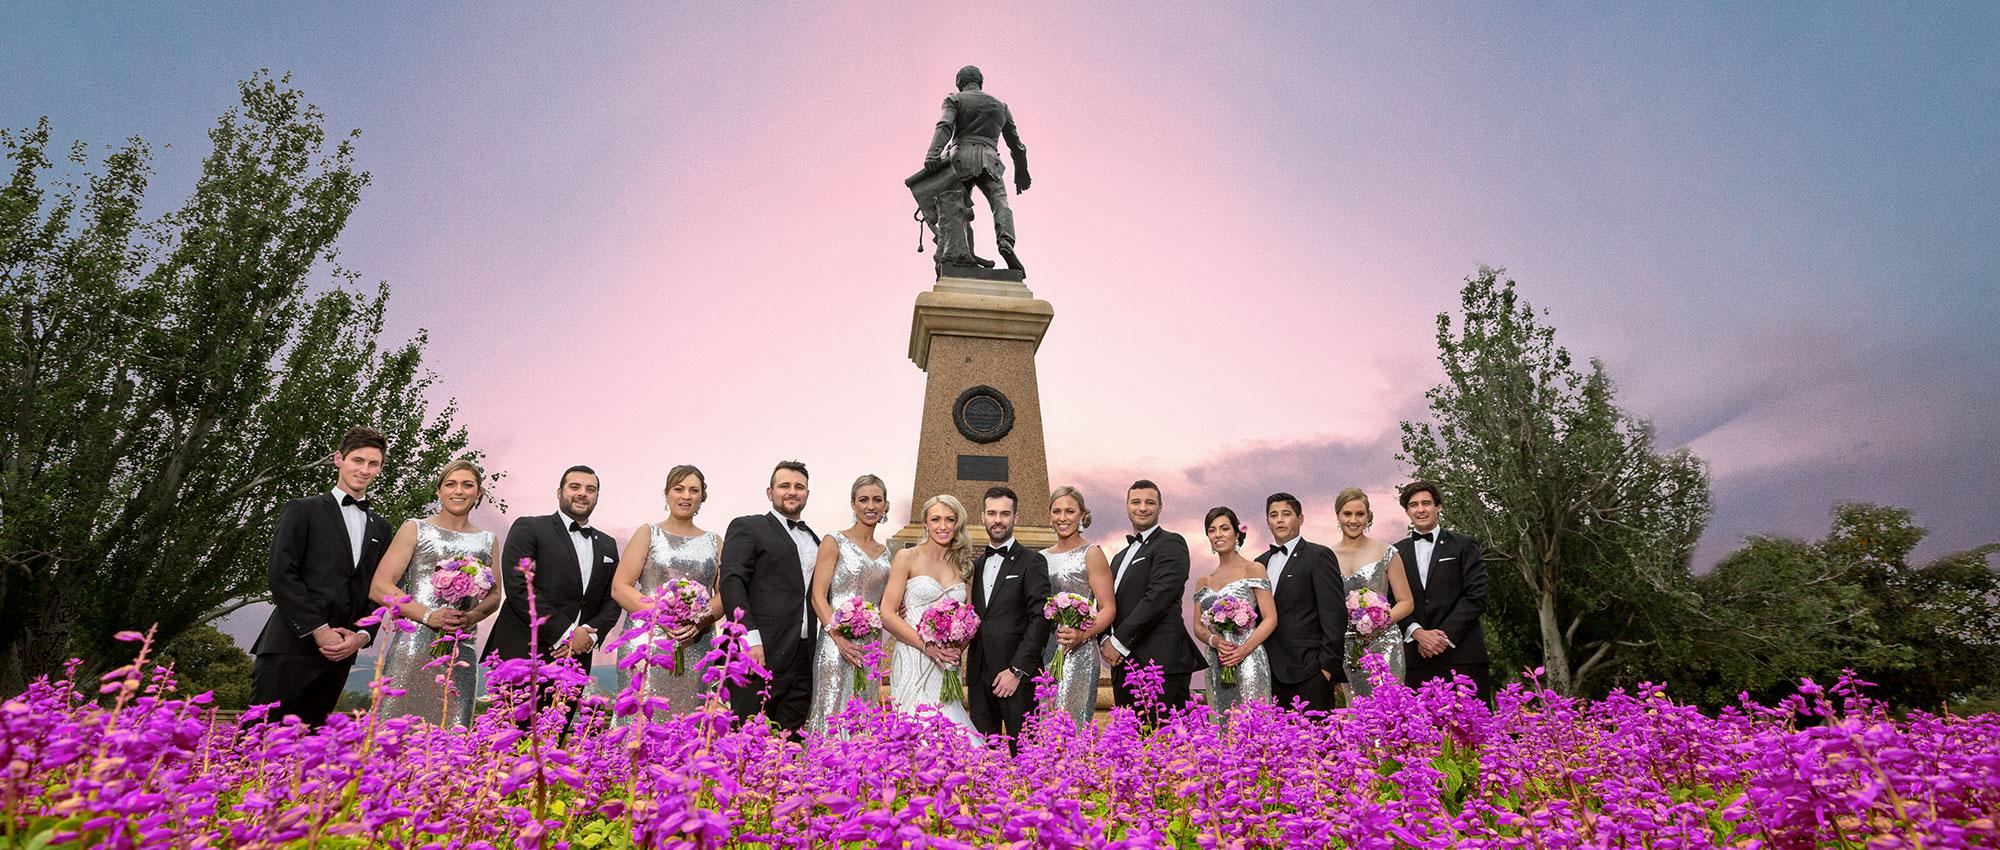 wedding-flowers-adelaide.jpg